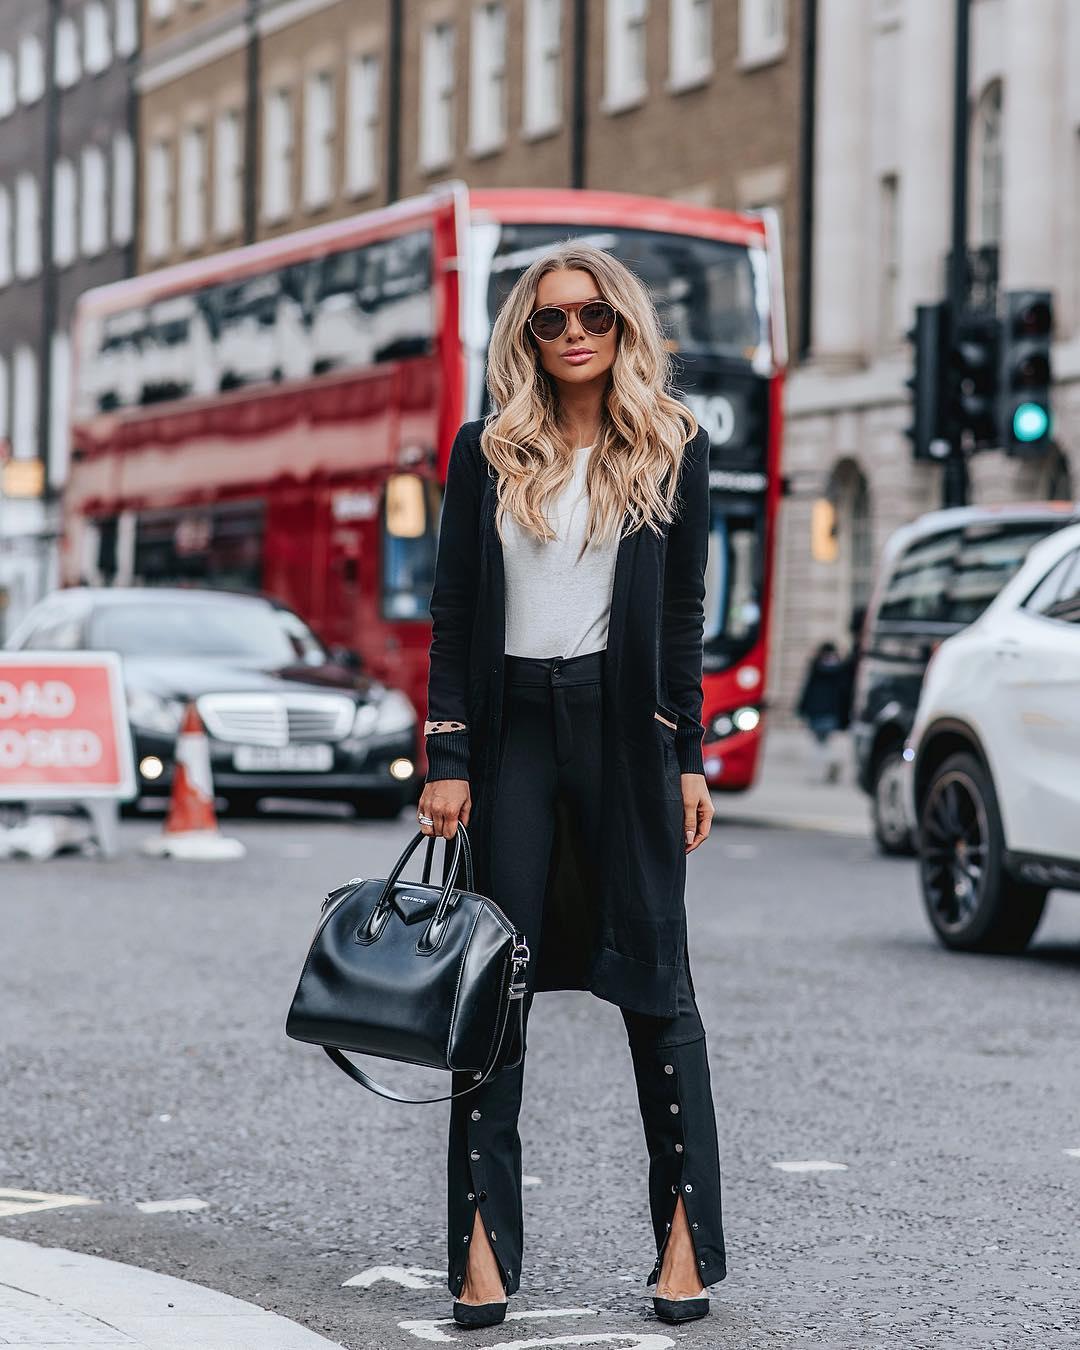 модные образы для деловых женщин осени 2019 фото 17